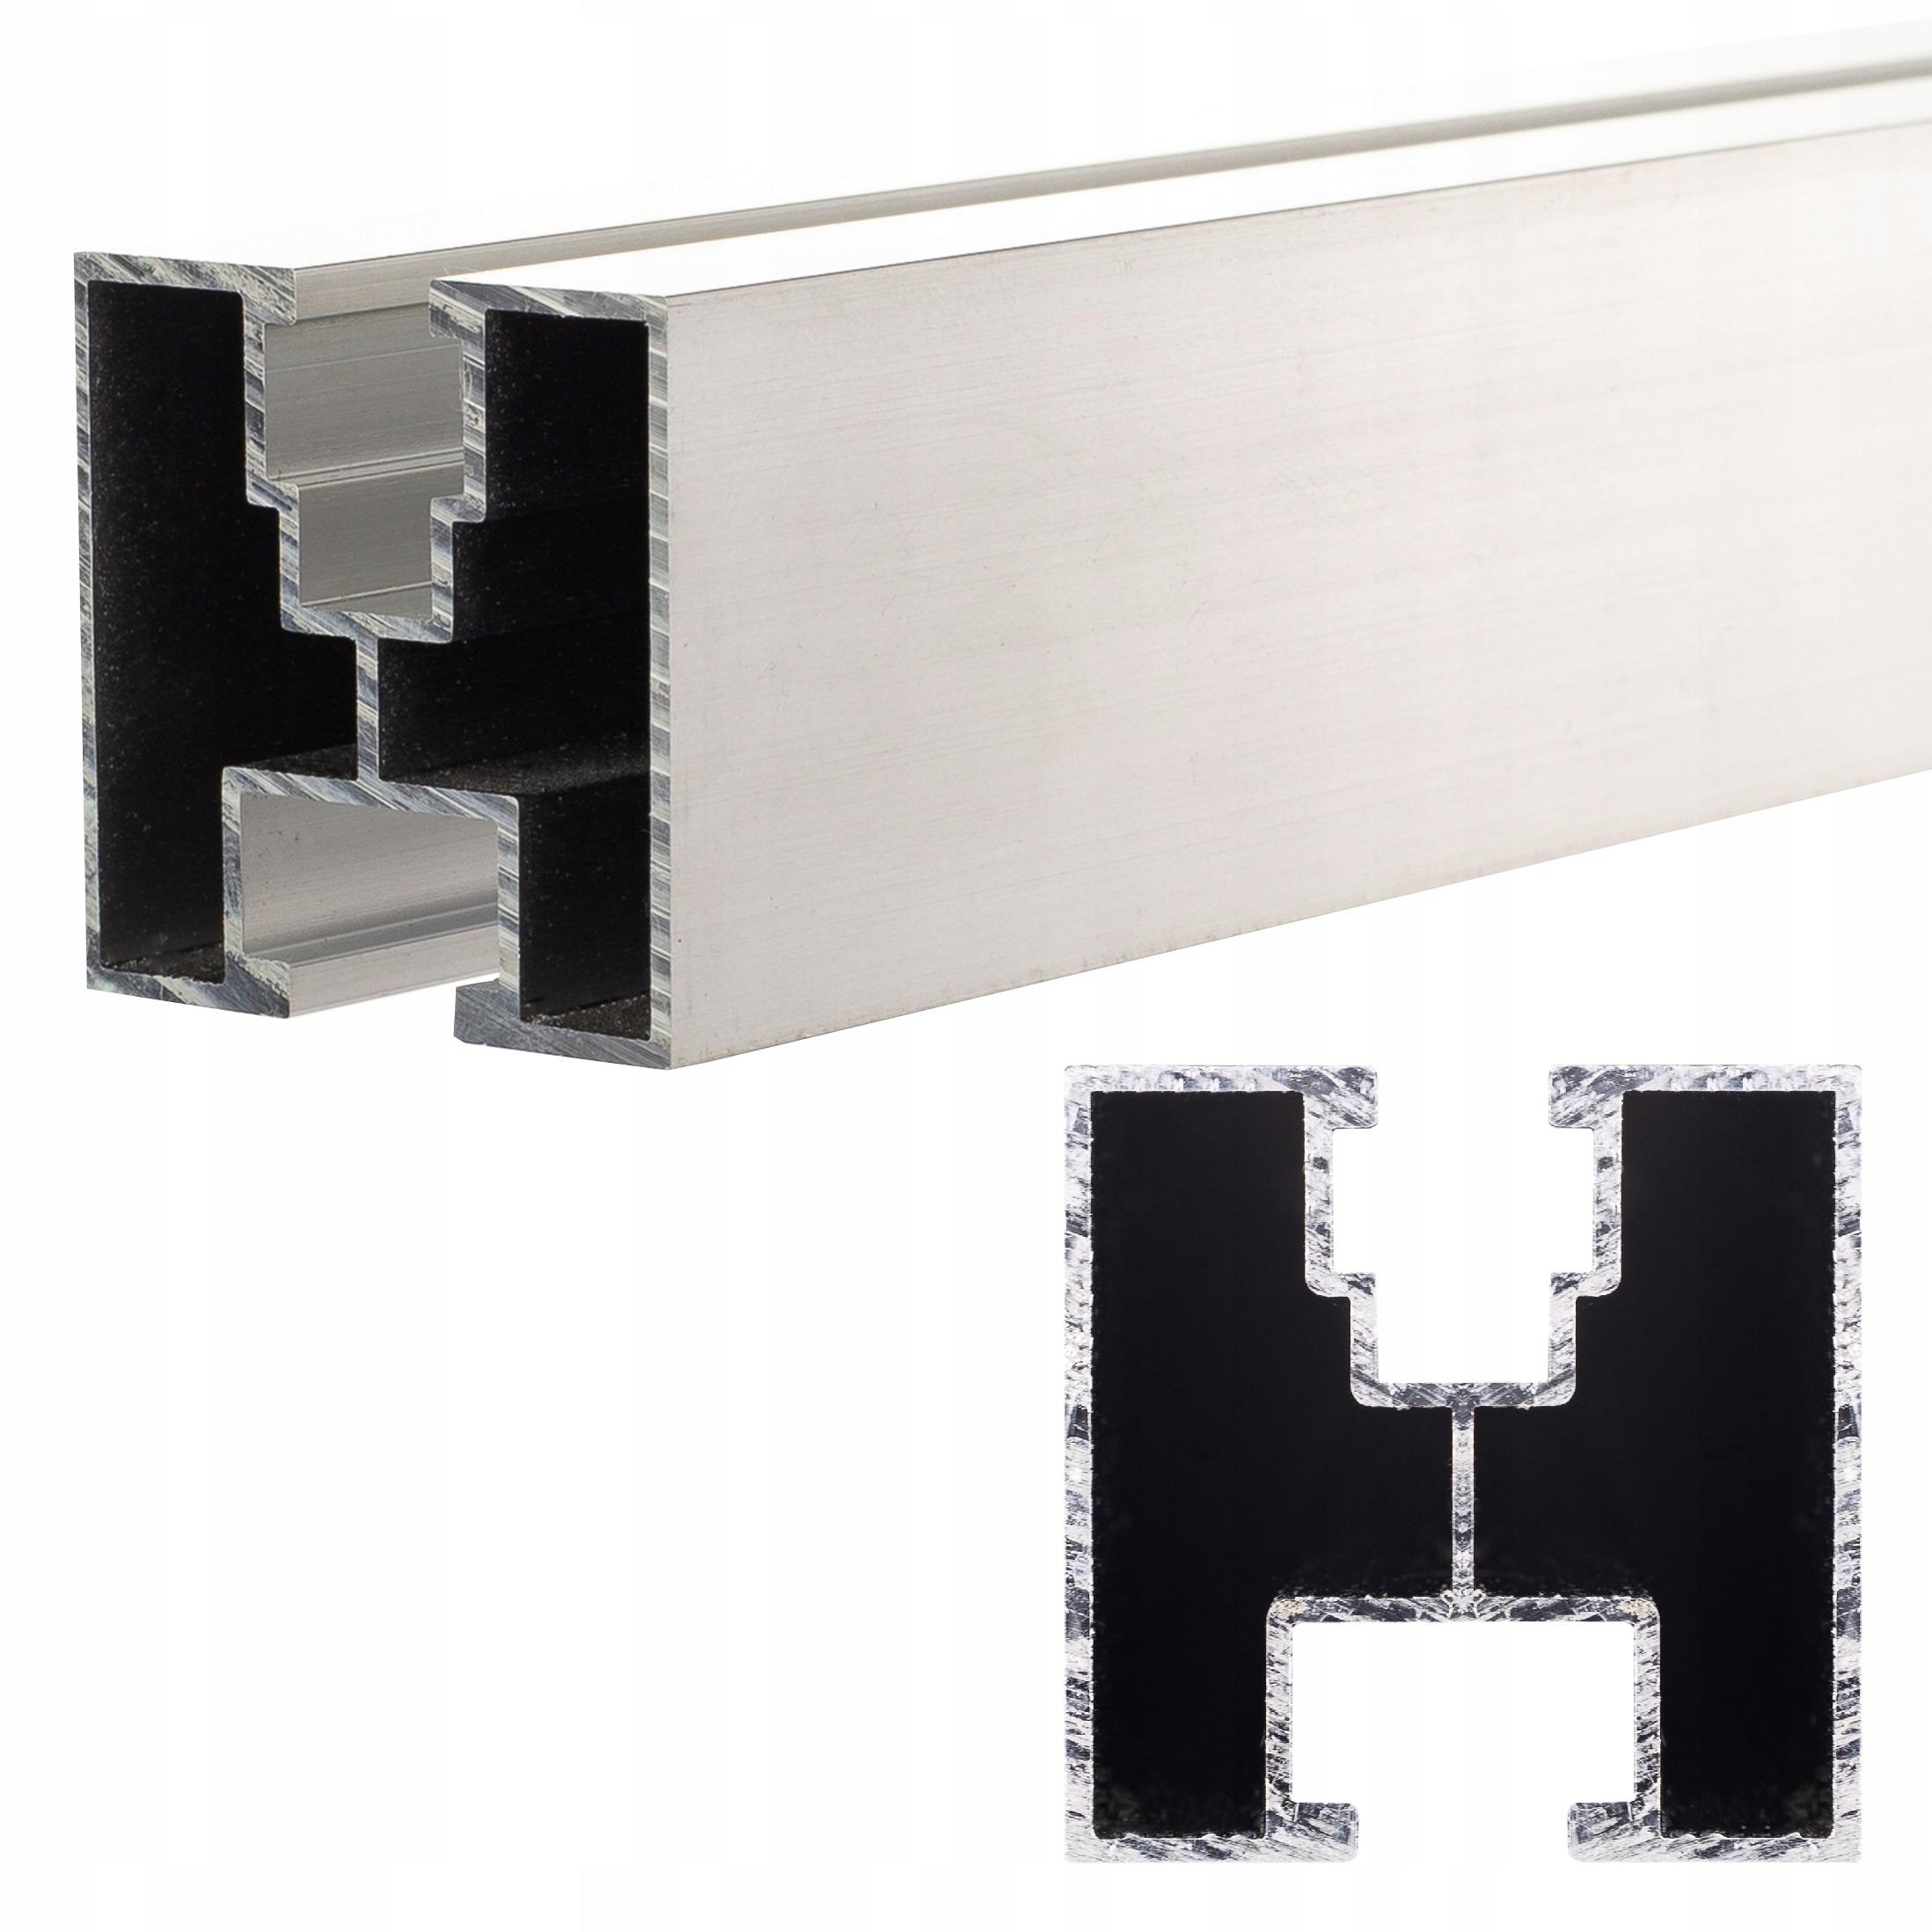 Монтажный профиль PV алюминиевый рельс 40x40 2070 мм